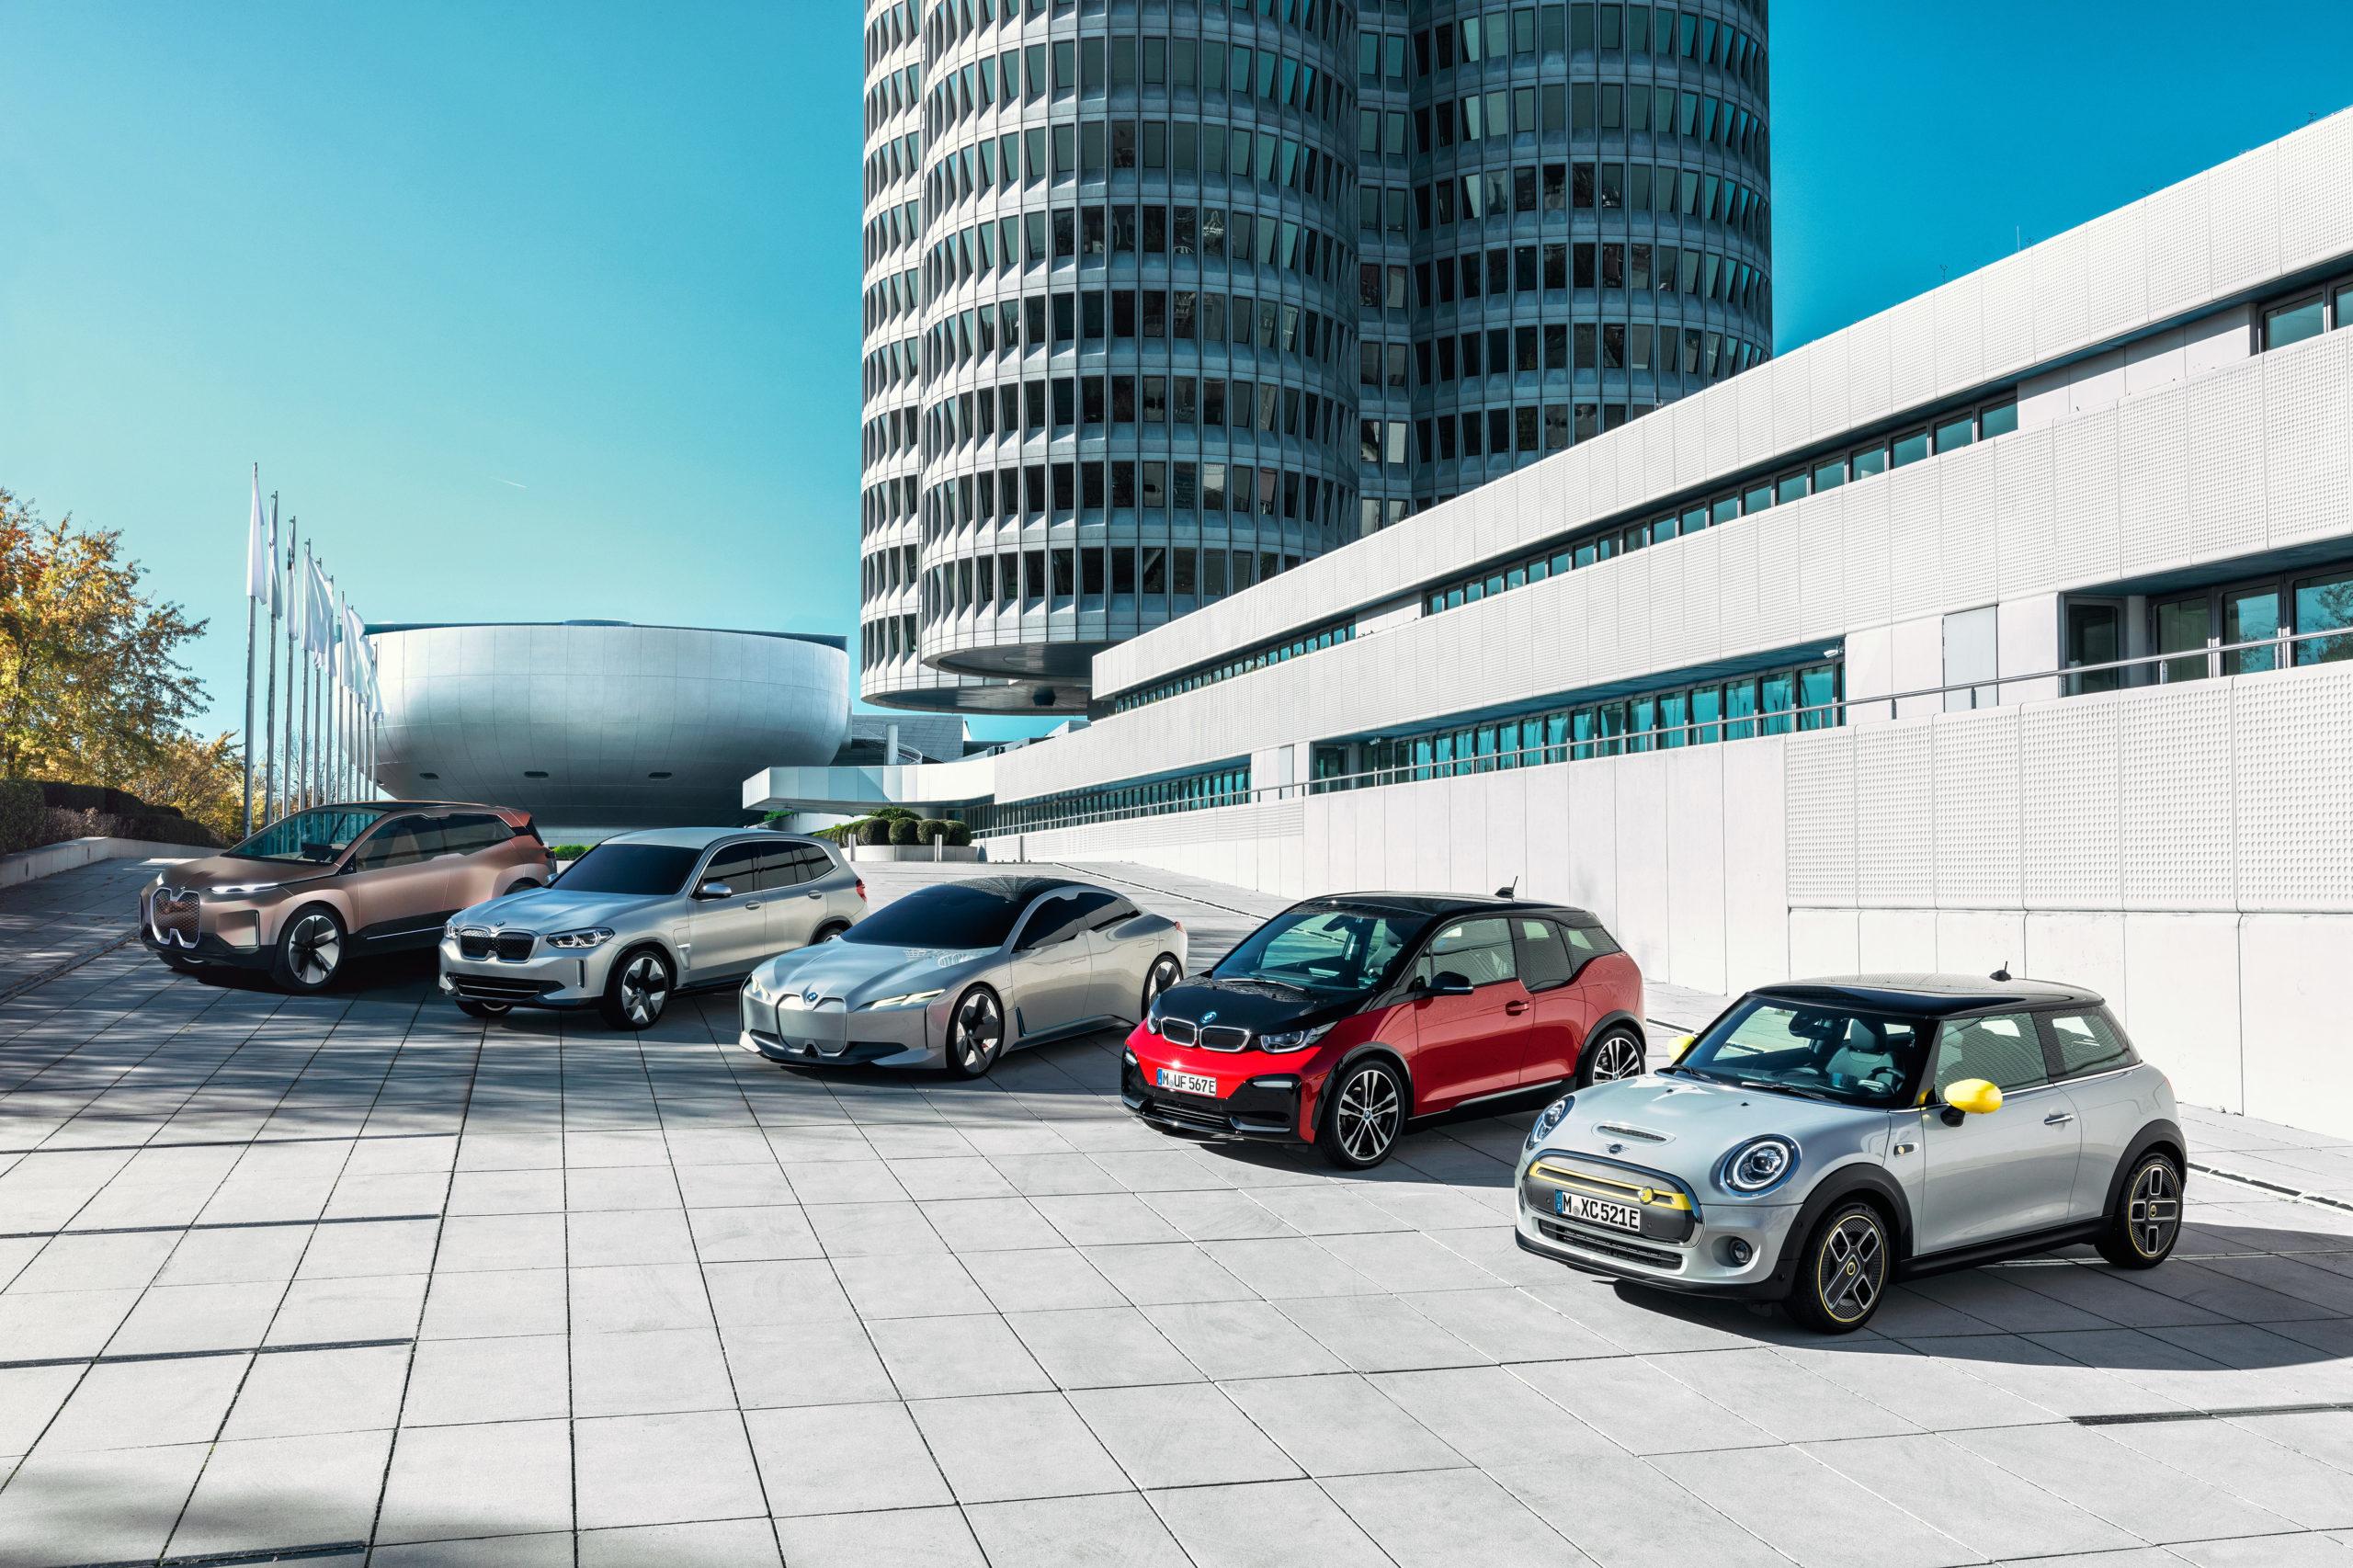 BMW, arrivano iX3, i4, iNext e tutte le elettriche di nuova generazione